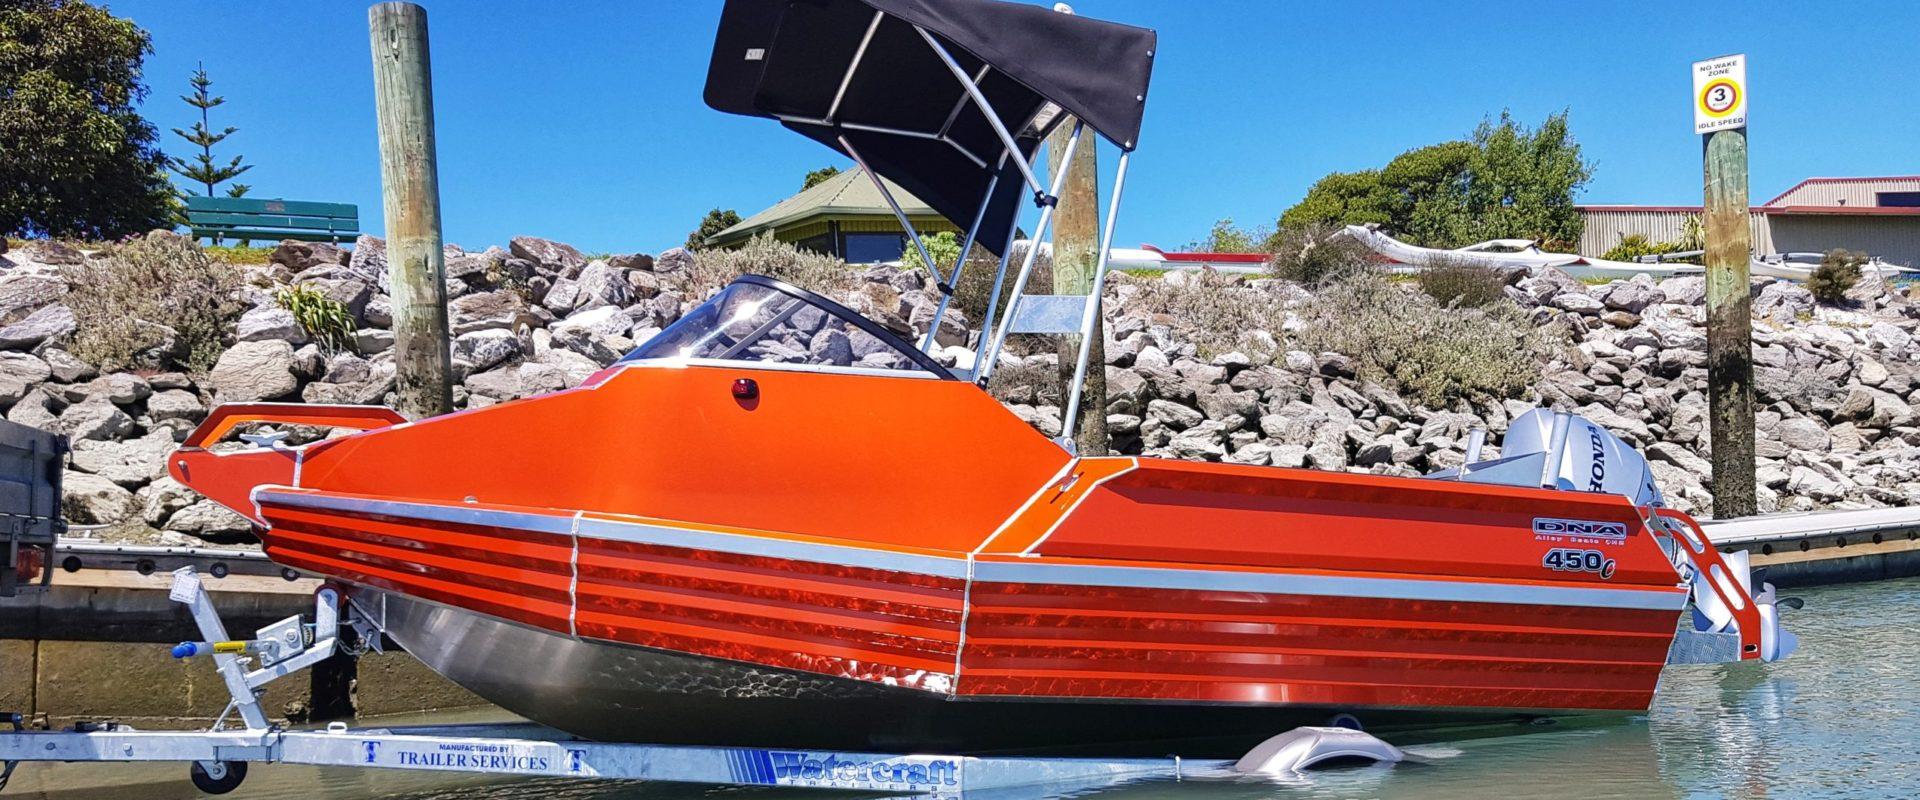 DNA Boats 450C - Rodeney Marine 6